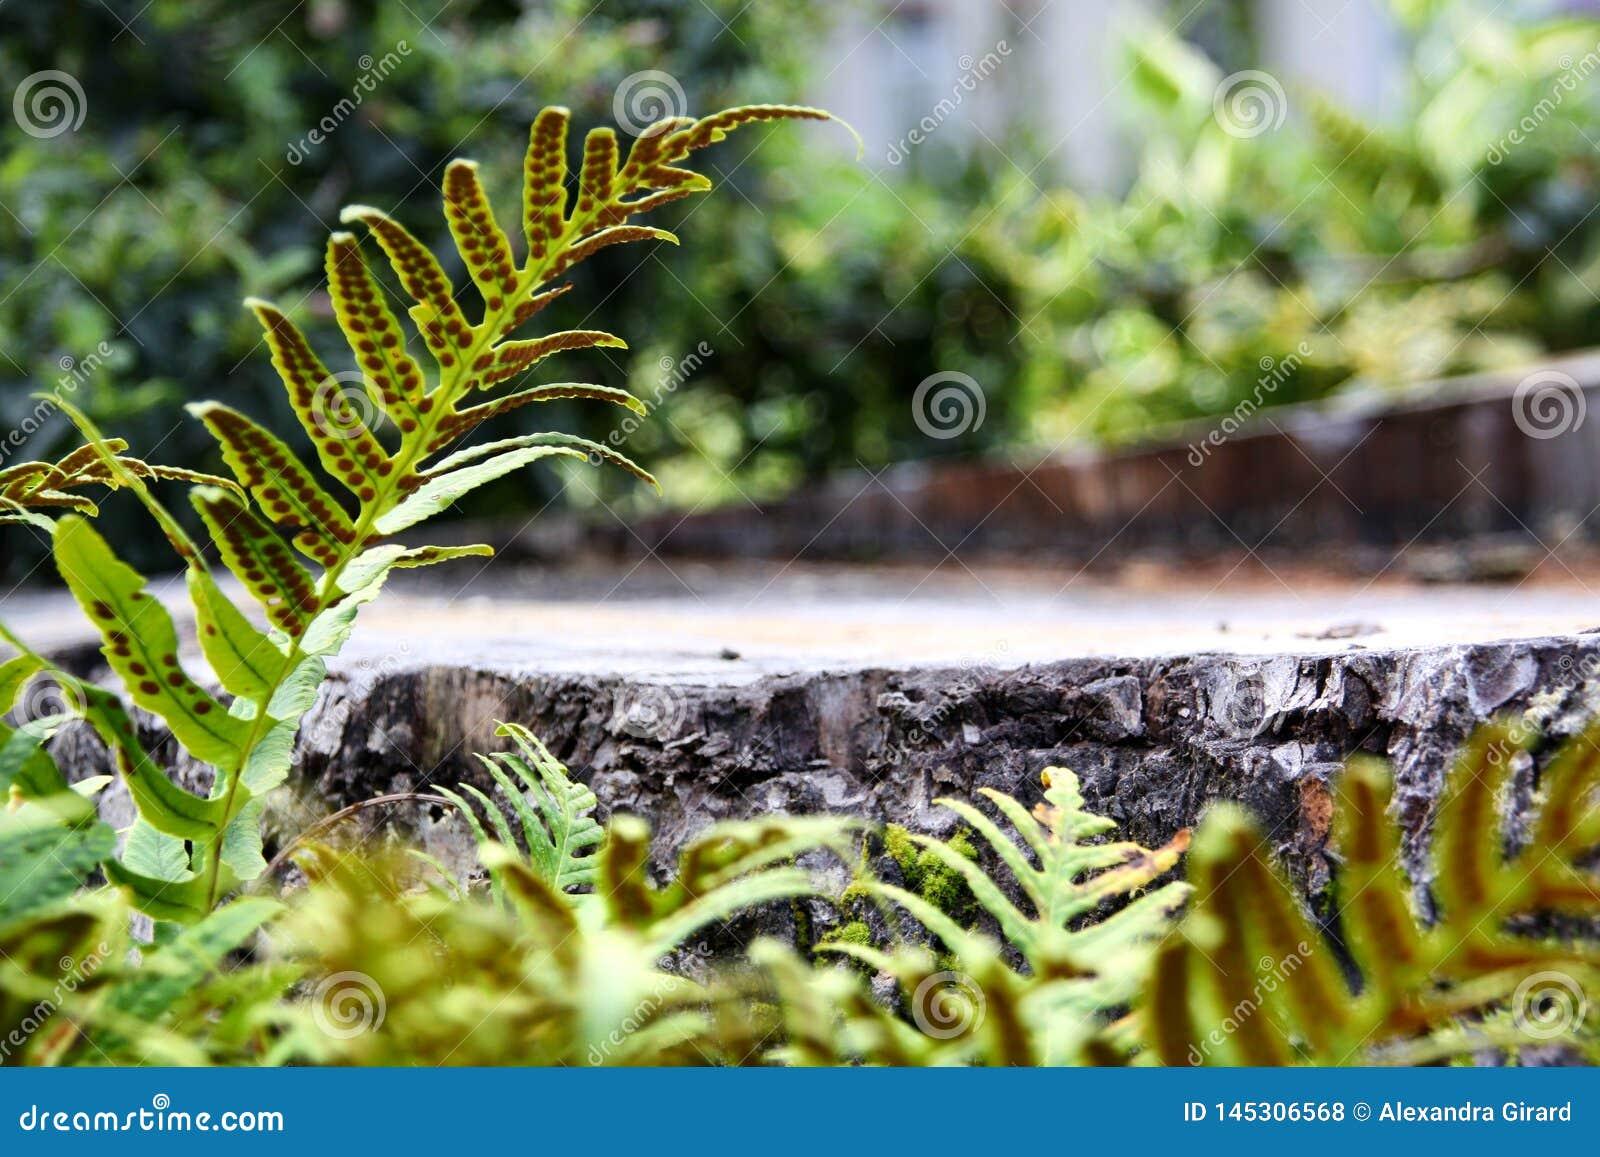 Farne um einen Baumstumpf im Wald, Augenh?hegesichtspunkt Textraum